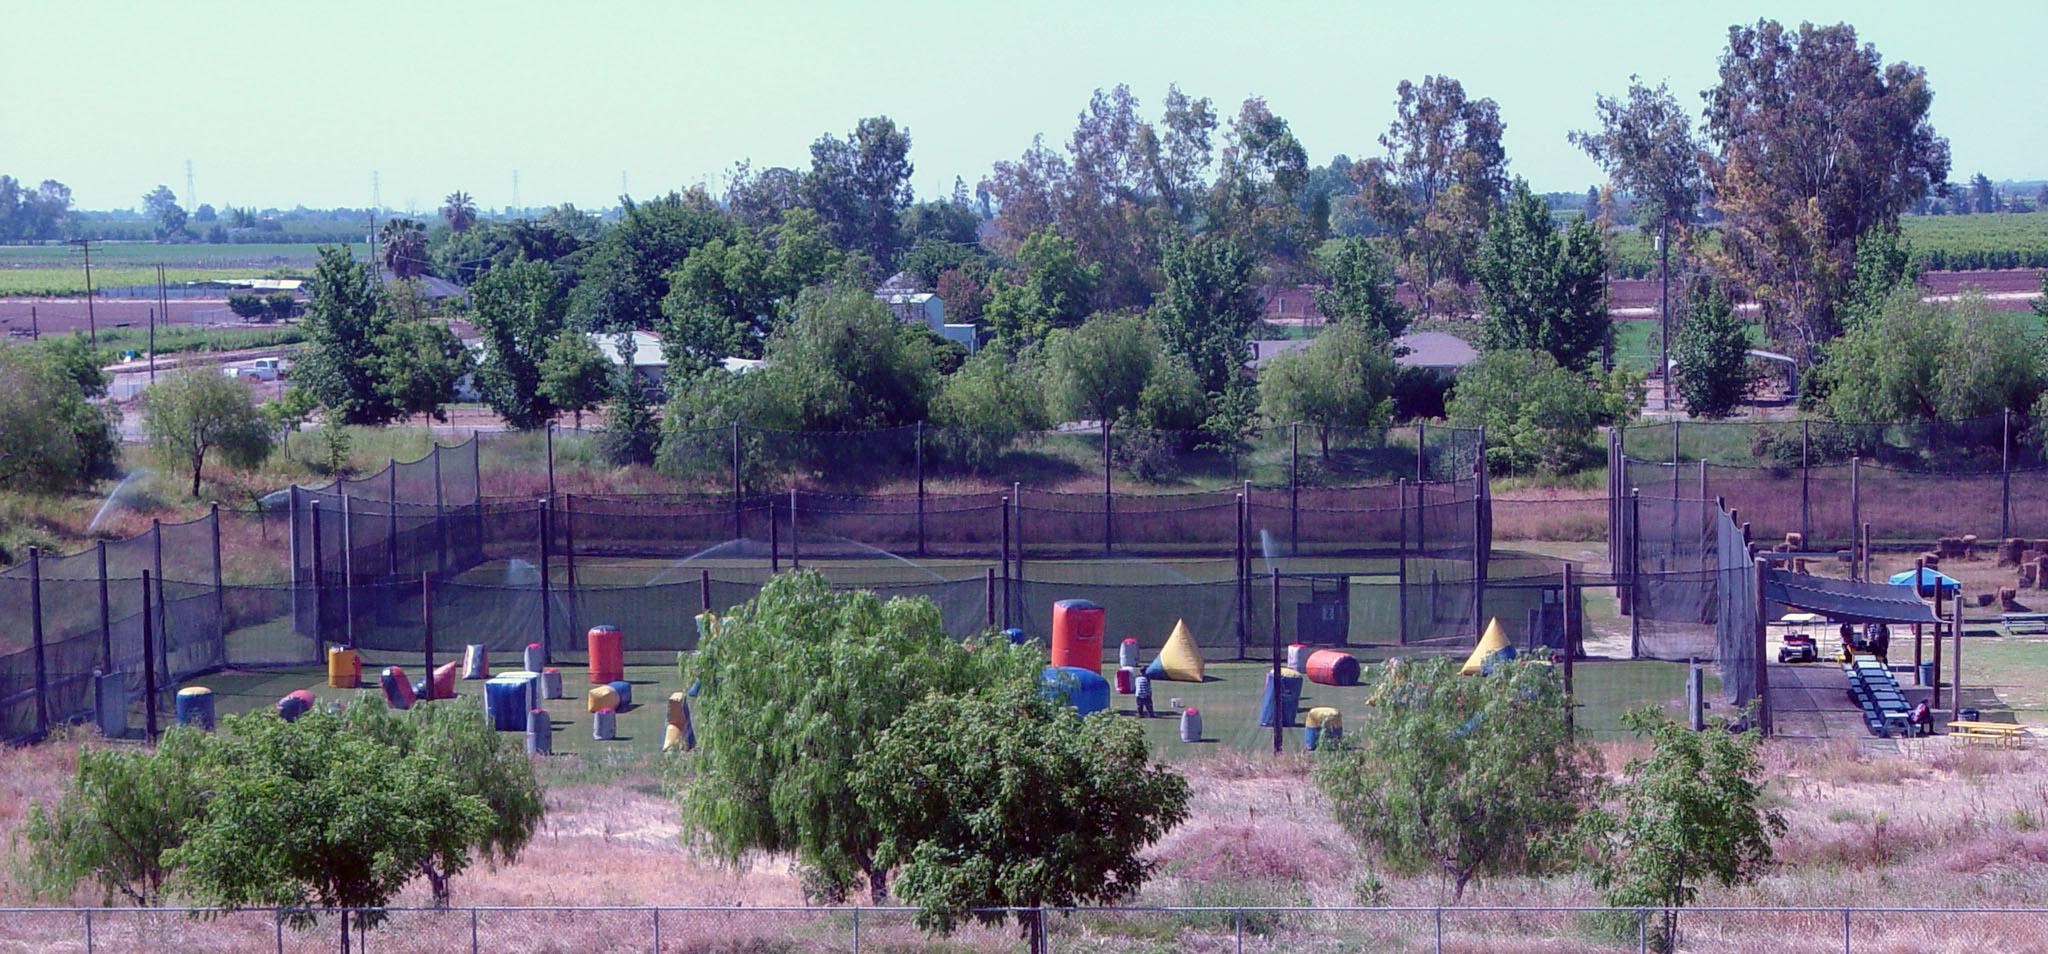 Field 3 (Field 2 in background)